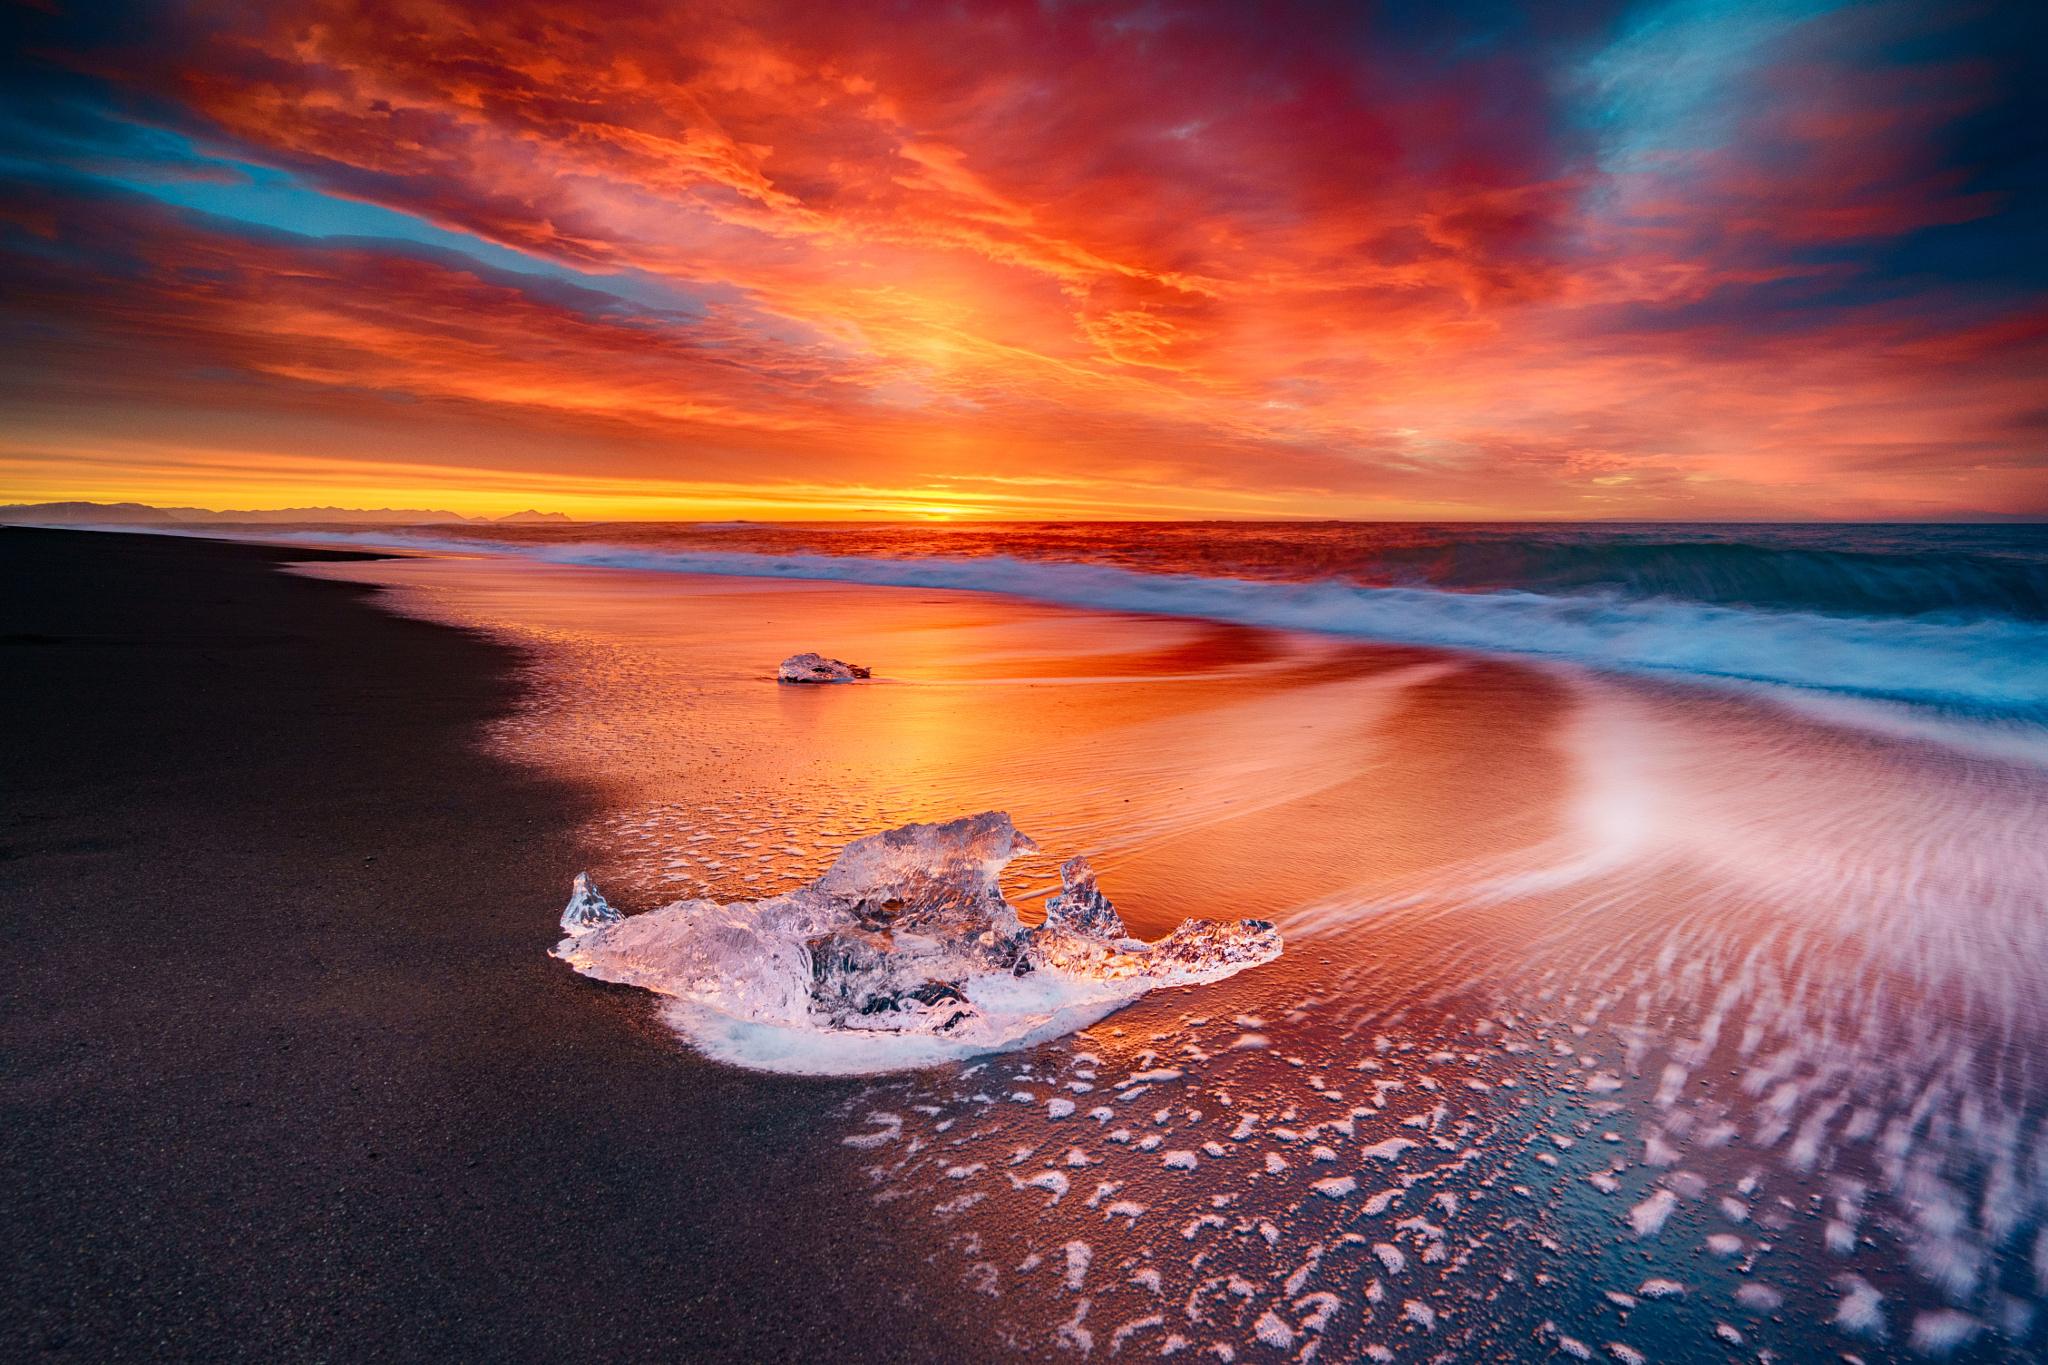 красочный закат над морем  № 1258676 загрузить